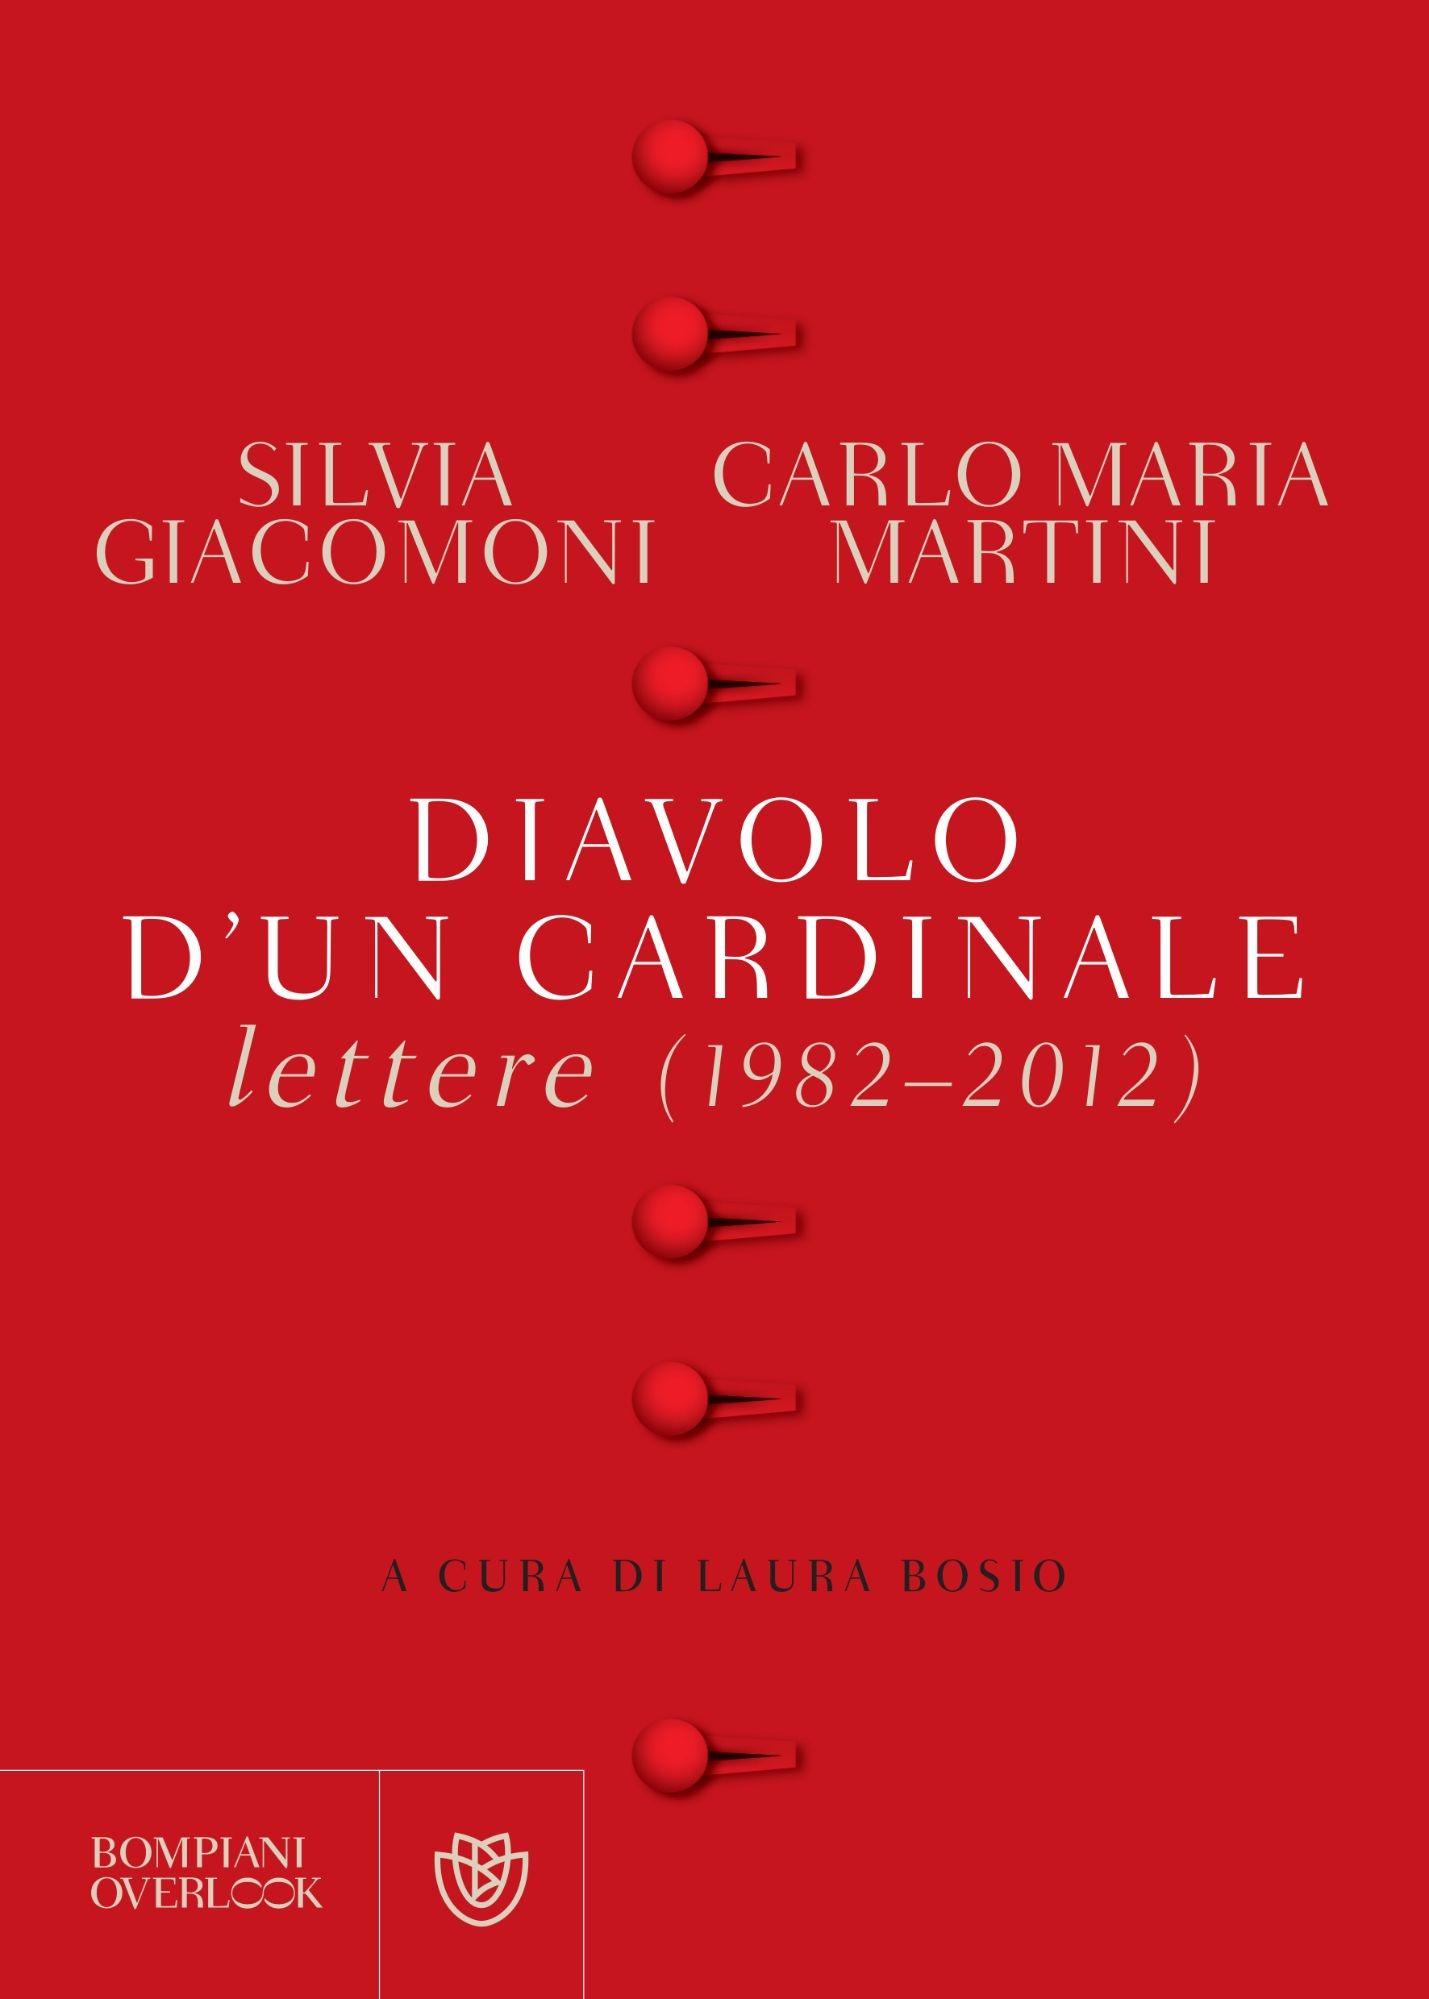 Che modi e humour aveva quel cardinale ...